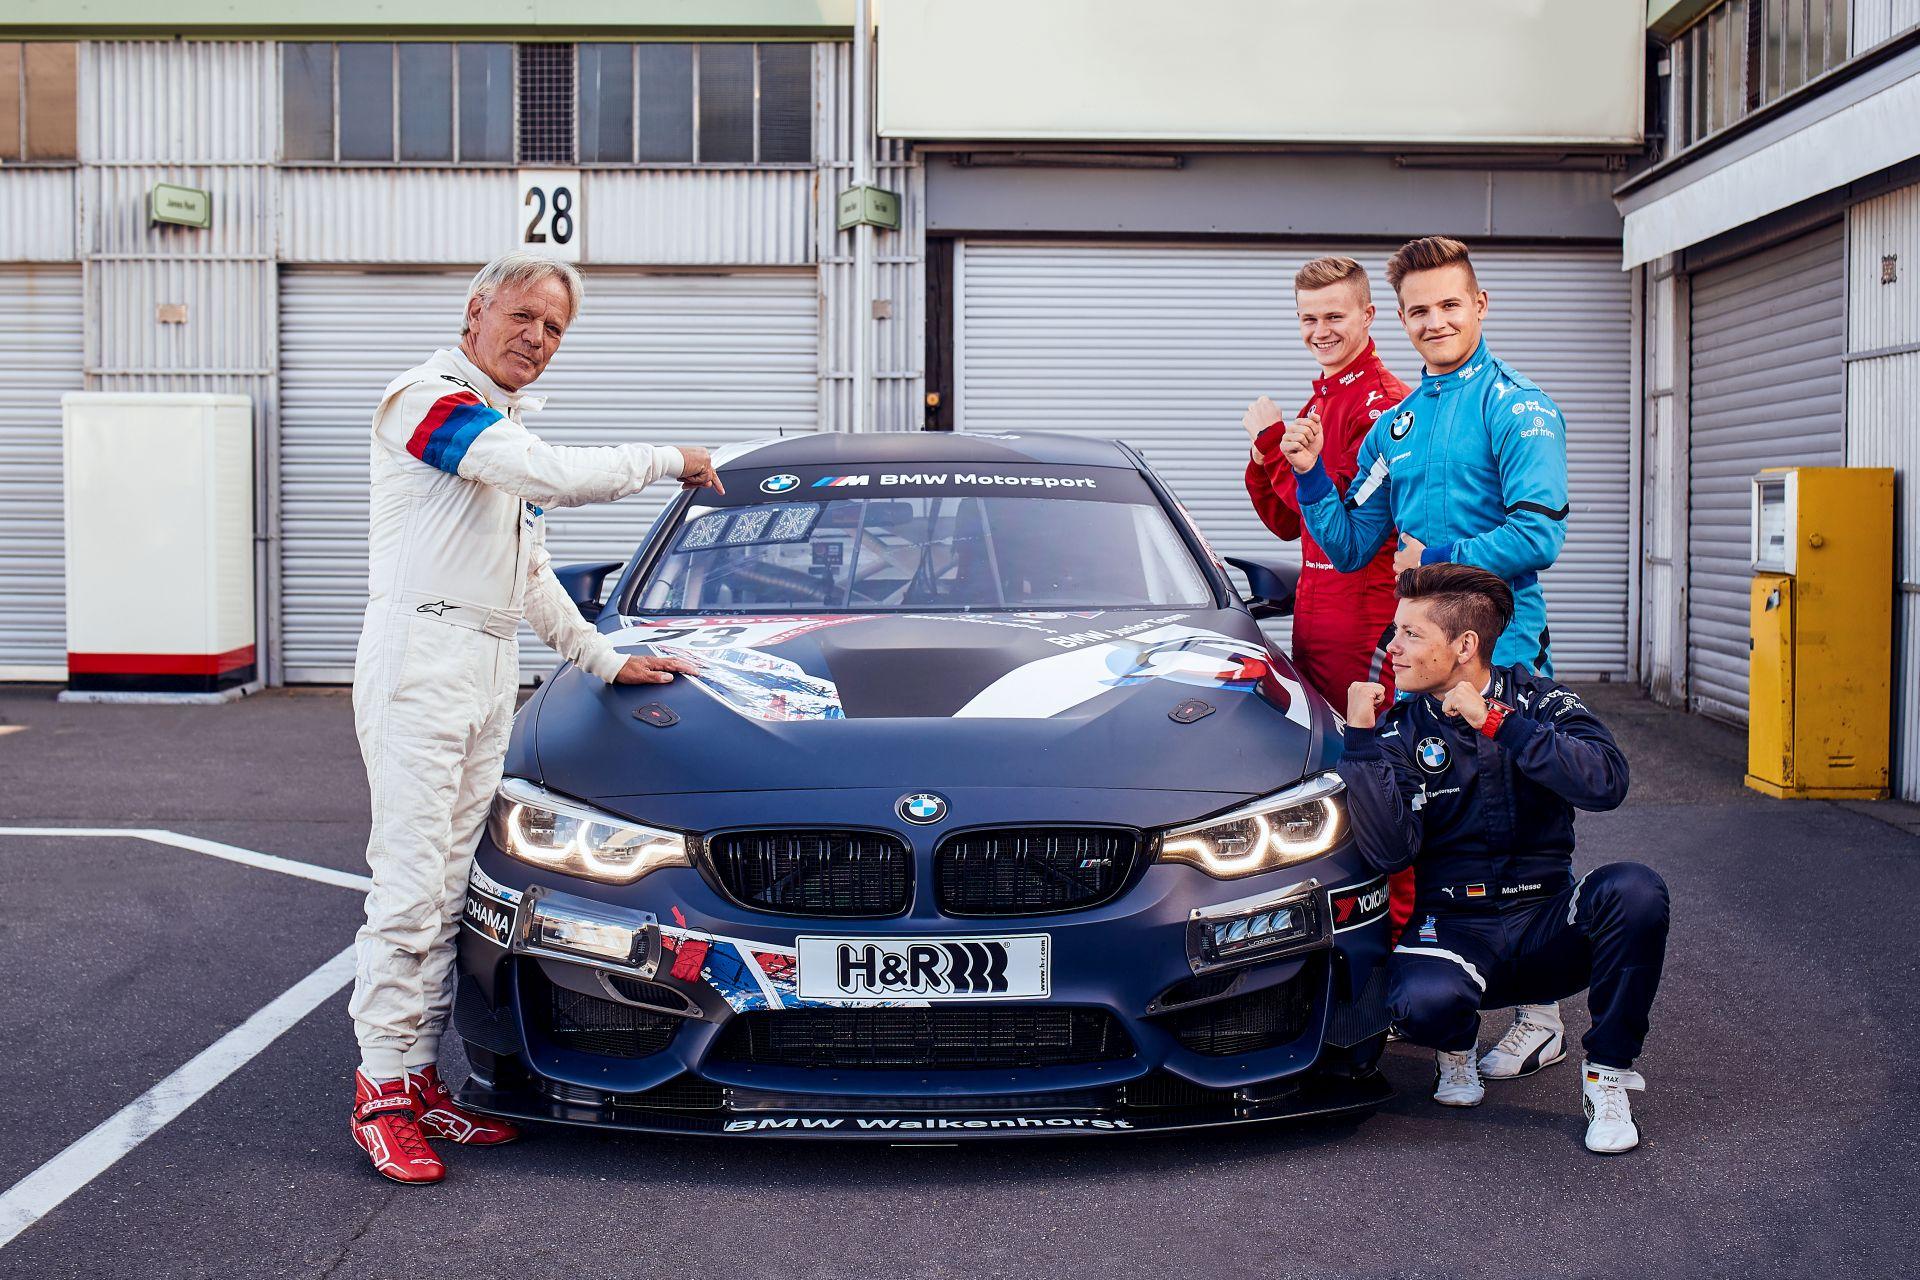 Marc surer vs BMW Junior Team 5